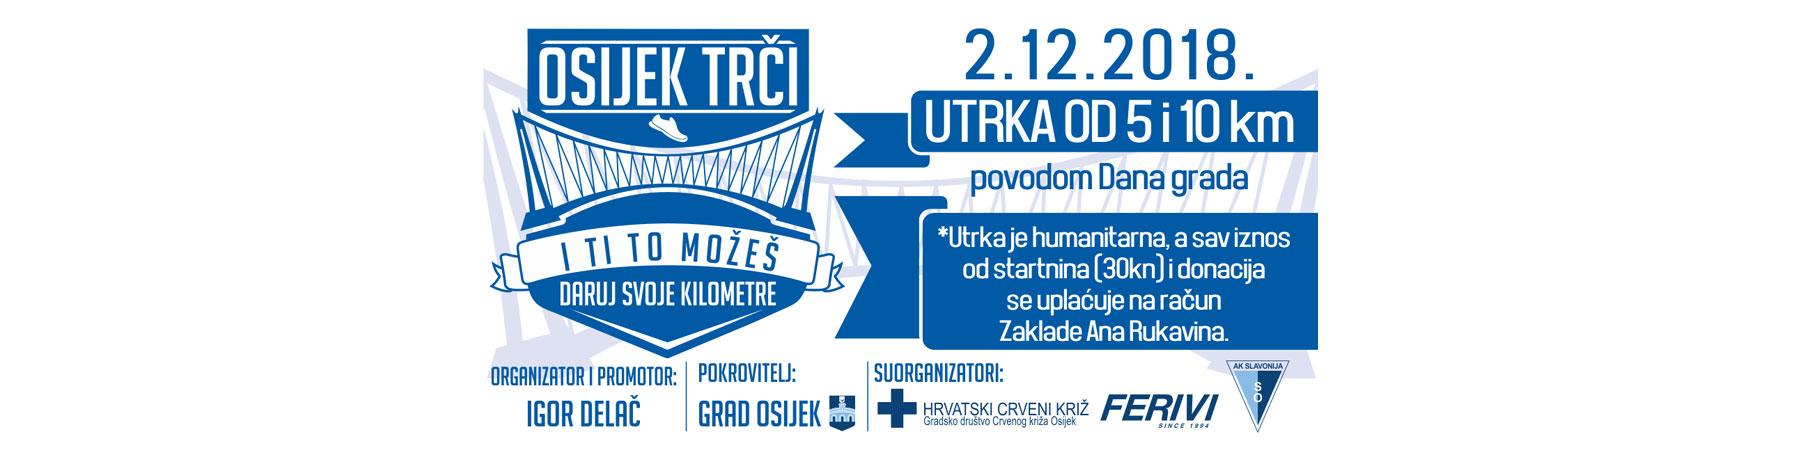 Slider-humanitarna-utrka-Osijek-trci-2018